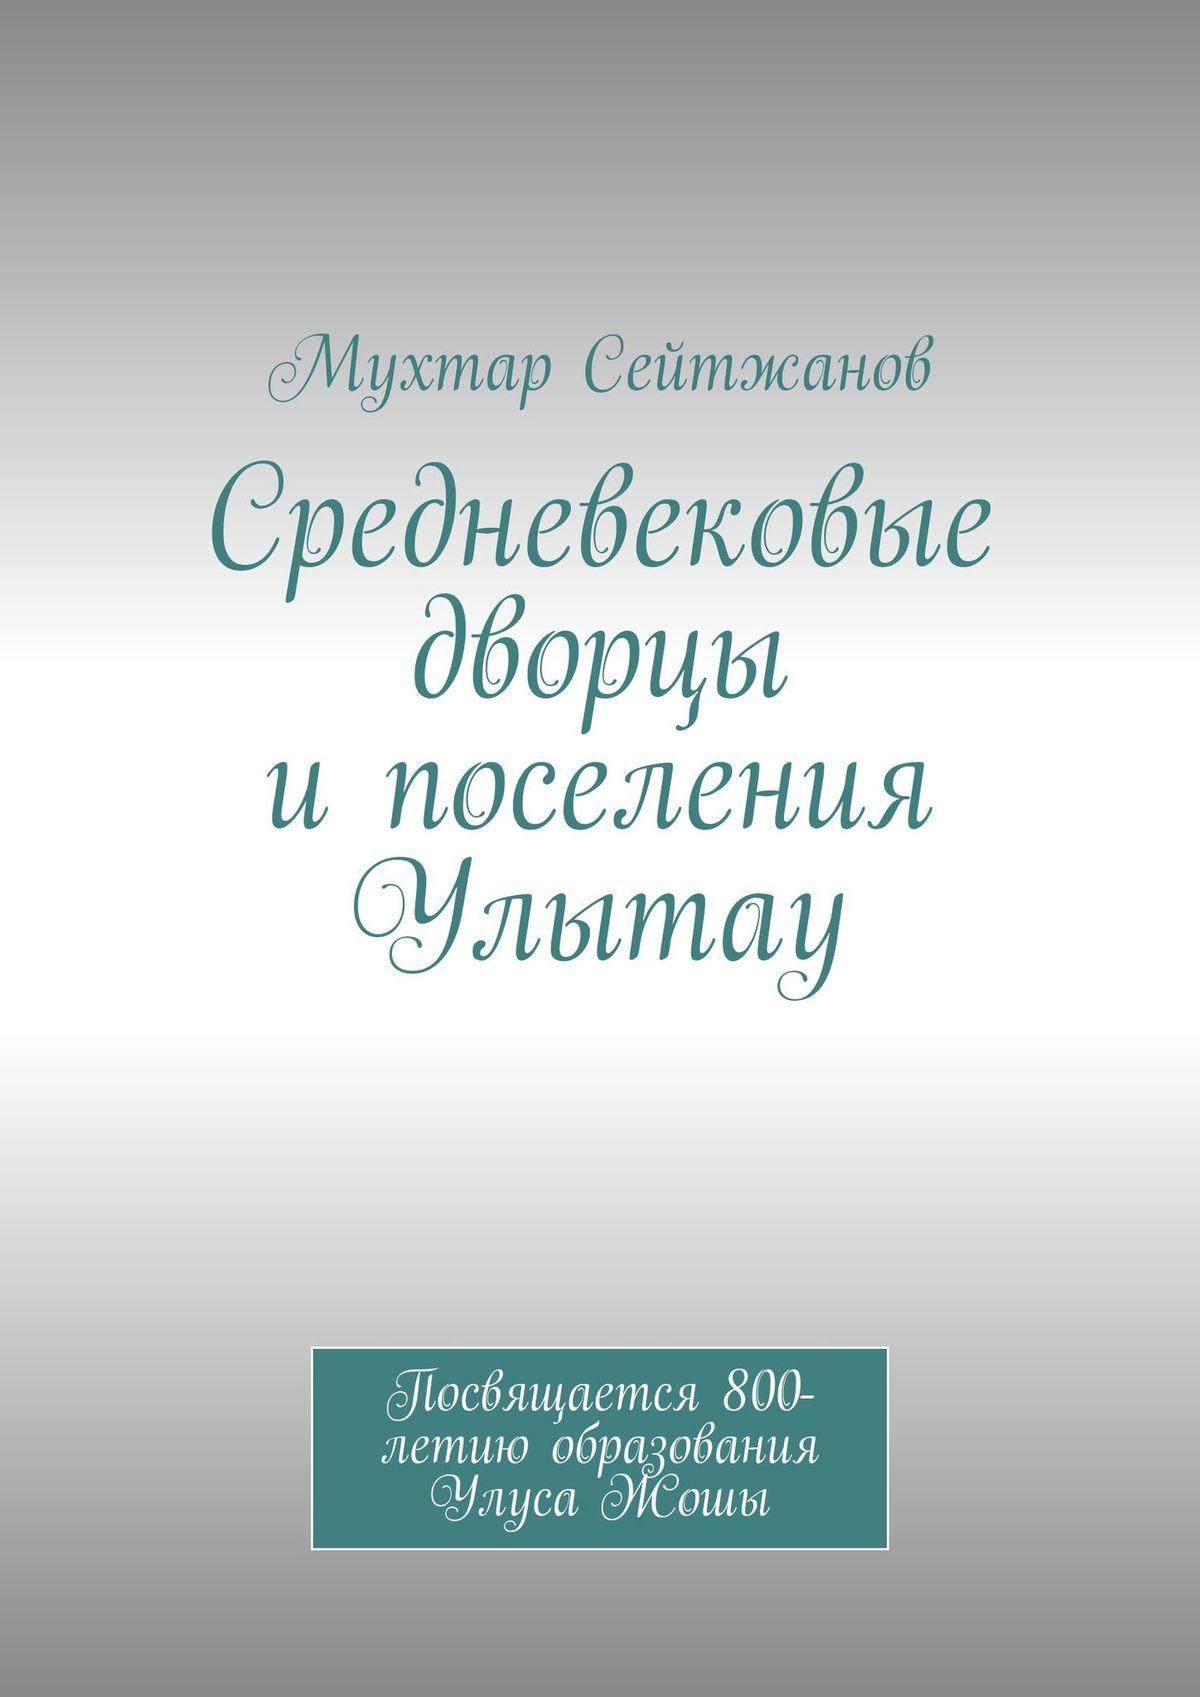 Средневековые дворцы ипоселения Улытау. Посвящается 800-летию образования Улуса Жошы